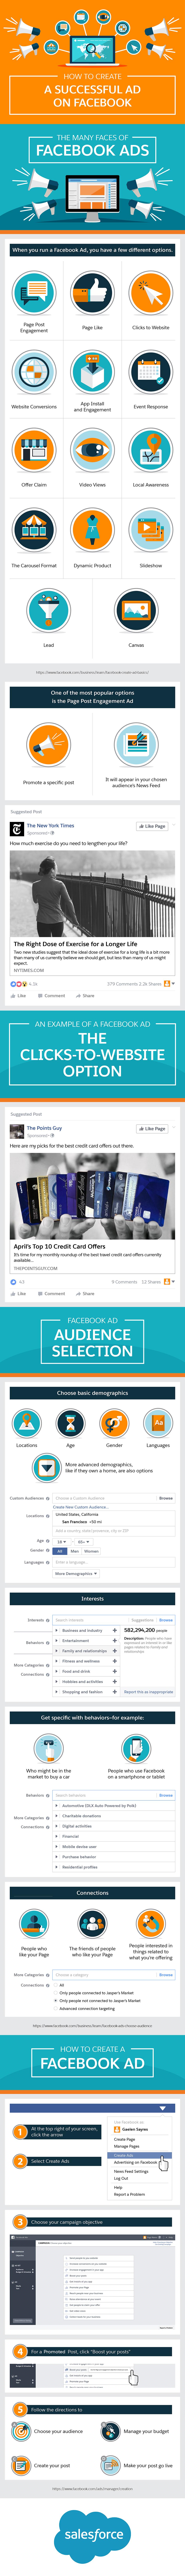 Cómo crear un anuncio de éxito en Facebook #infografia #socialmedia #marketing